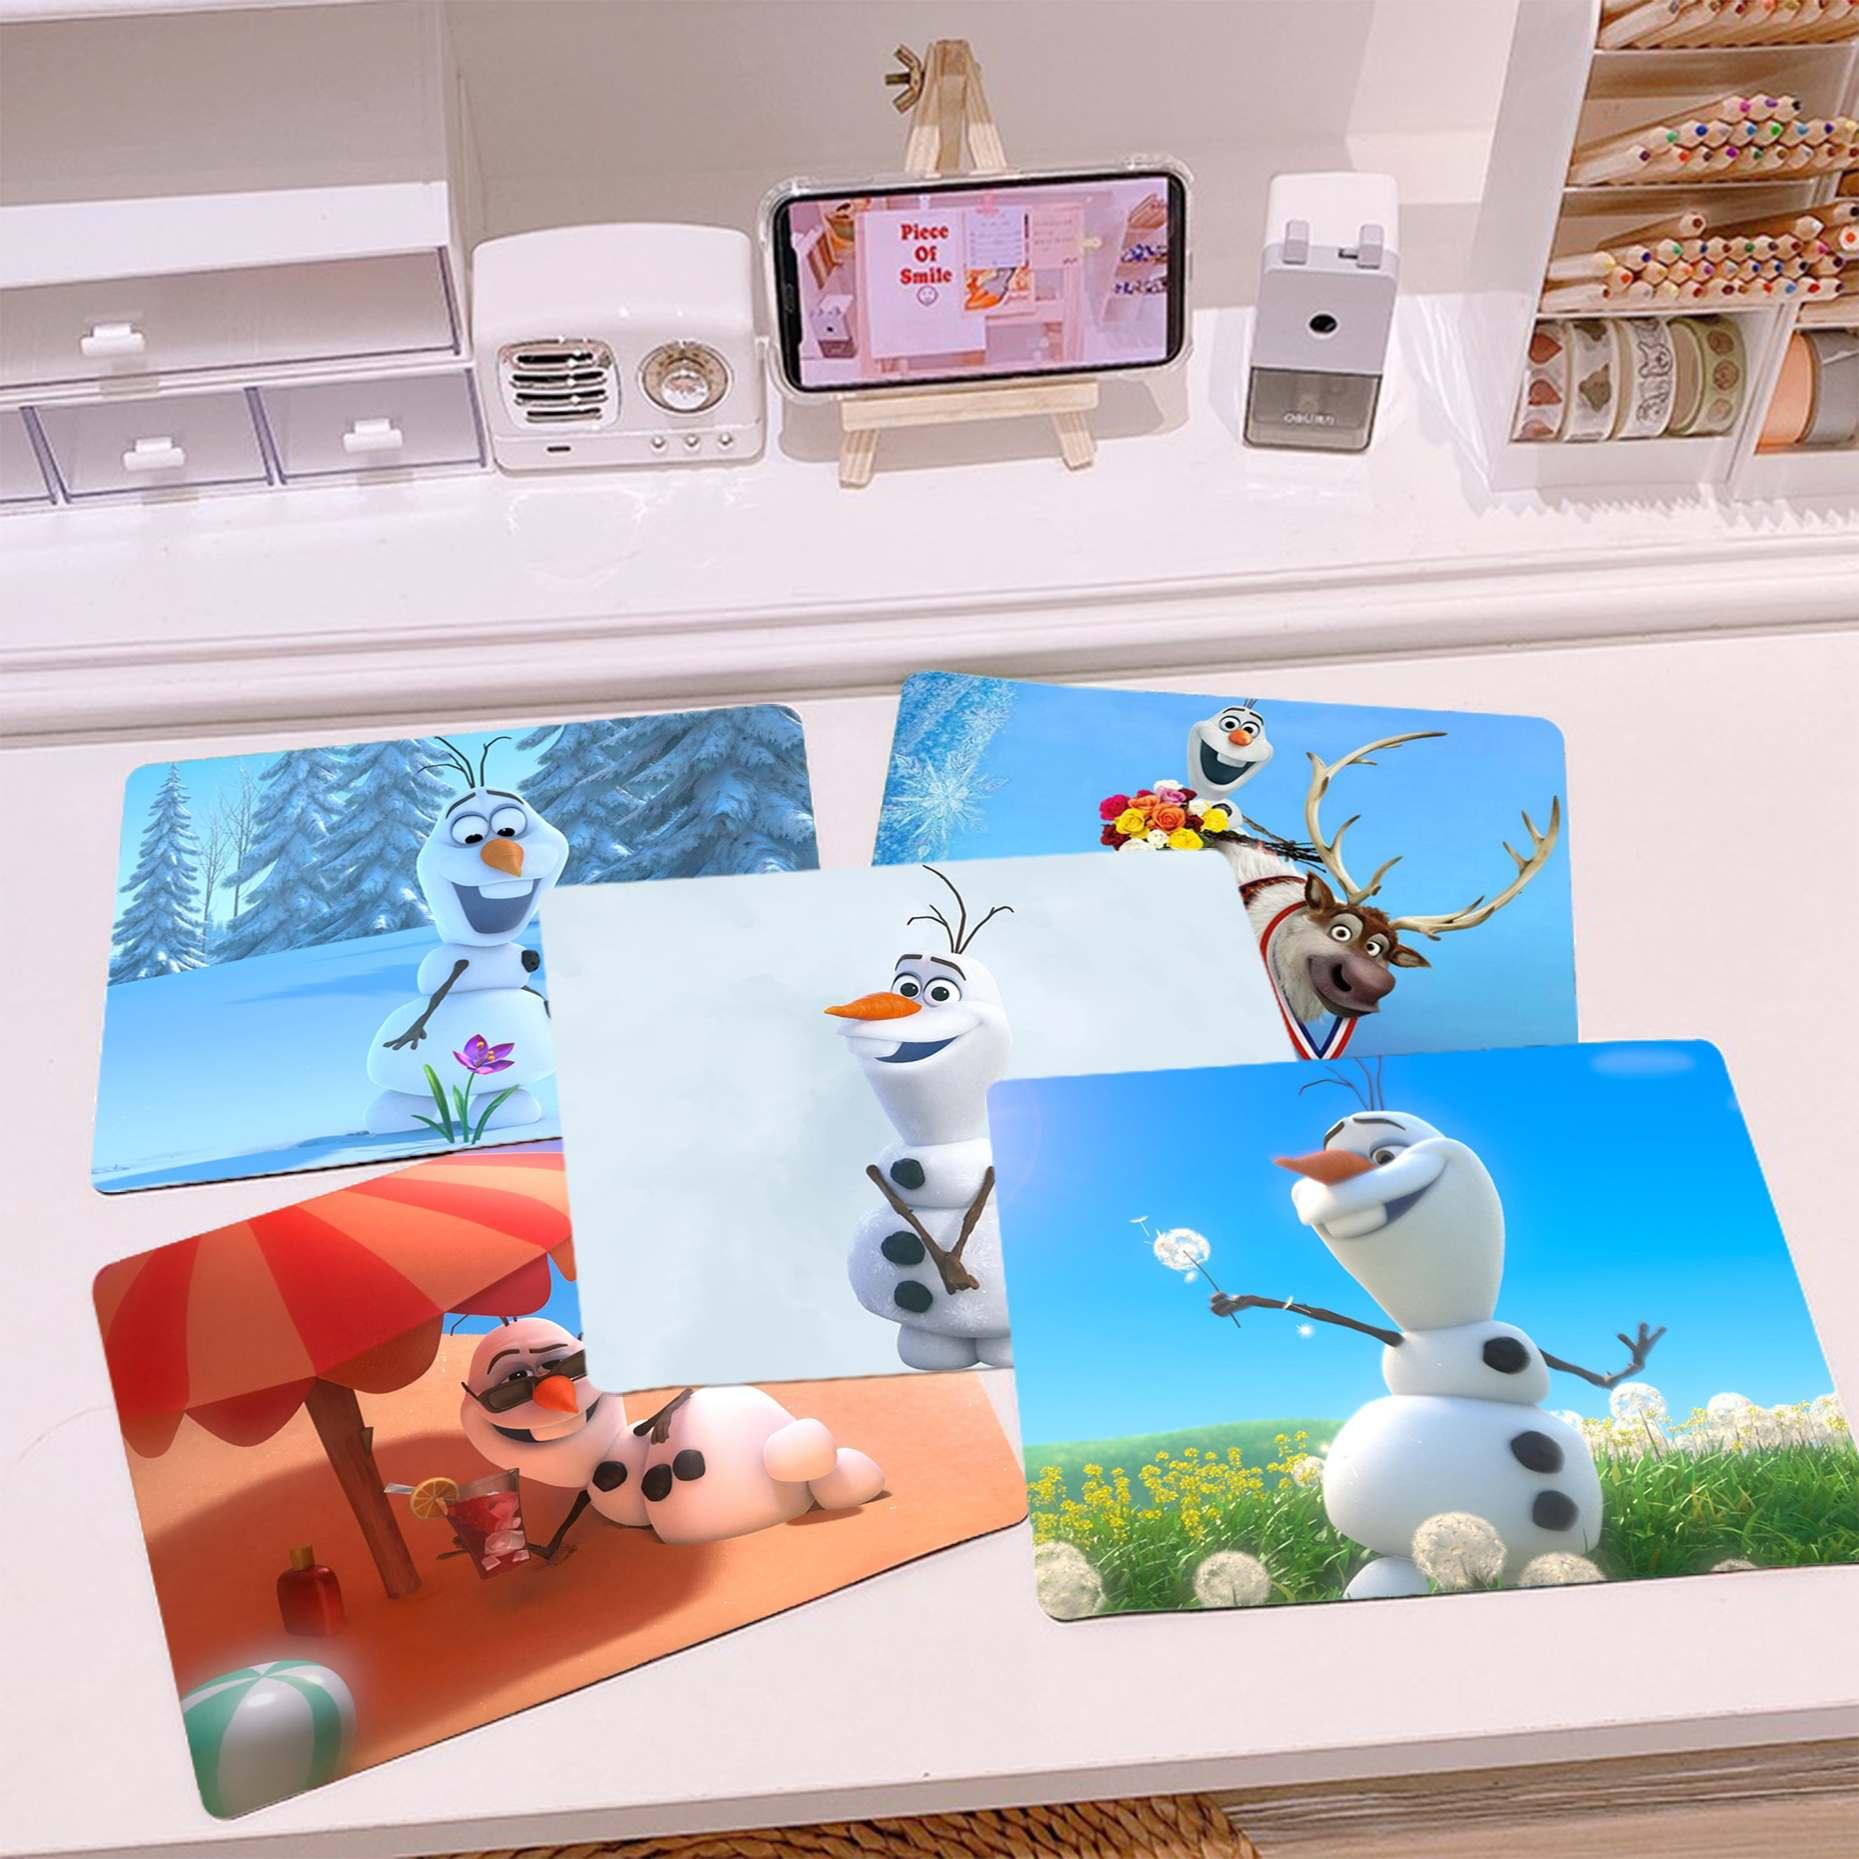 Новинка, силиконовый коврик для мыши из серии Disney Olaf «Холодное сердце», игровой Гладкий коврик для письма, настольные компьютеры, коврик для...